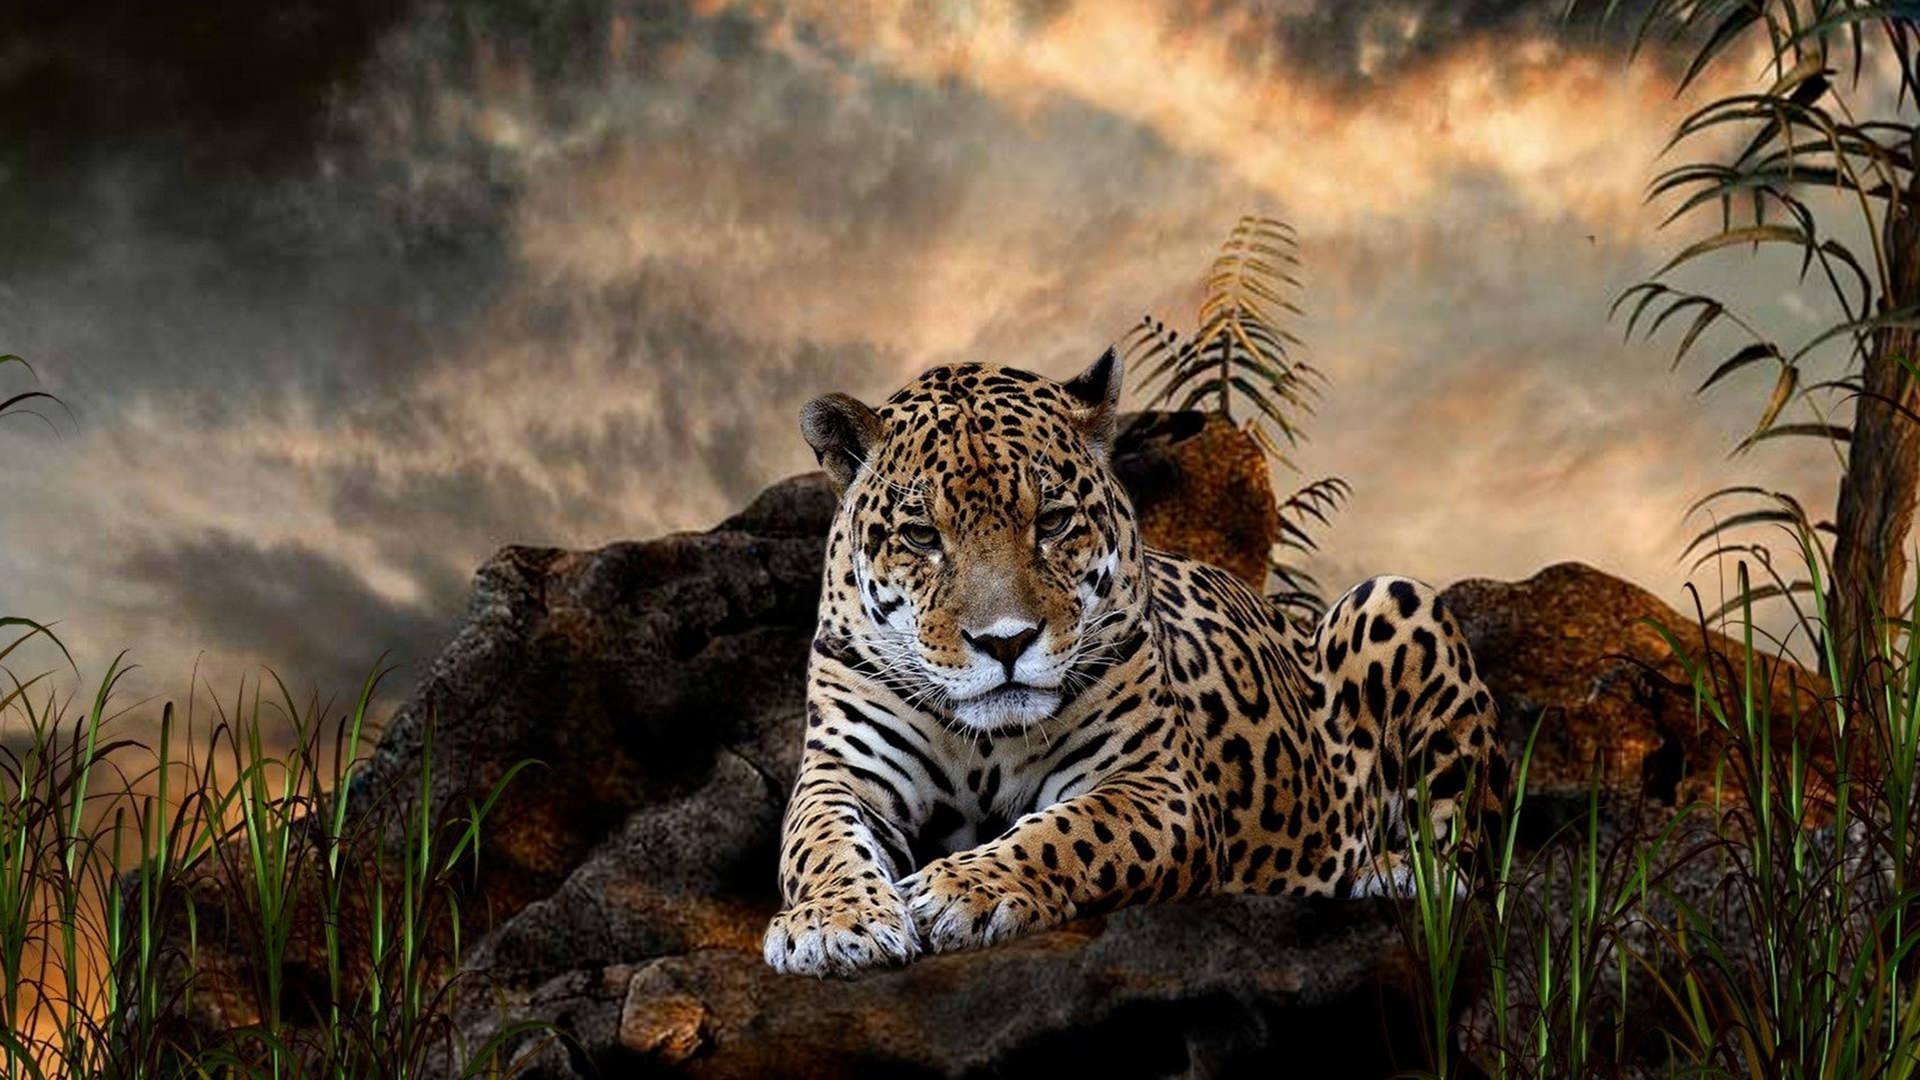 Wild-Leopard-Wallpaper-Full-HD-1080P